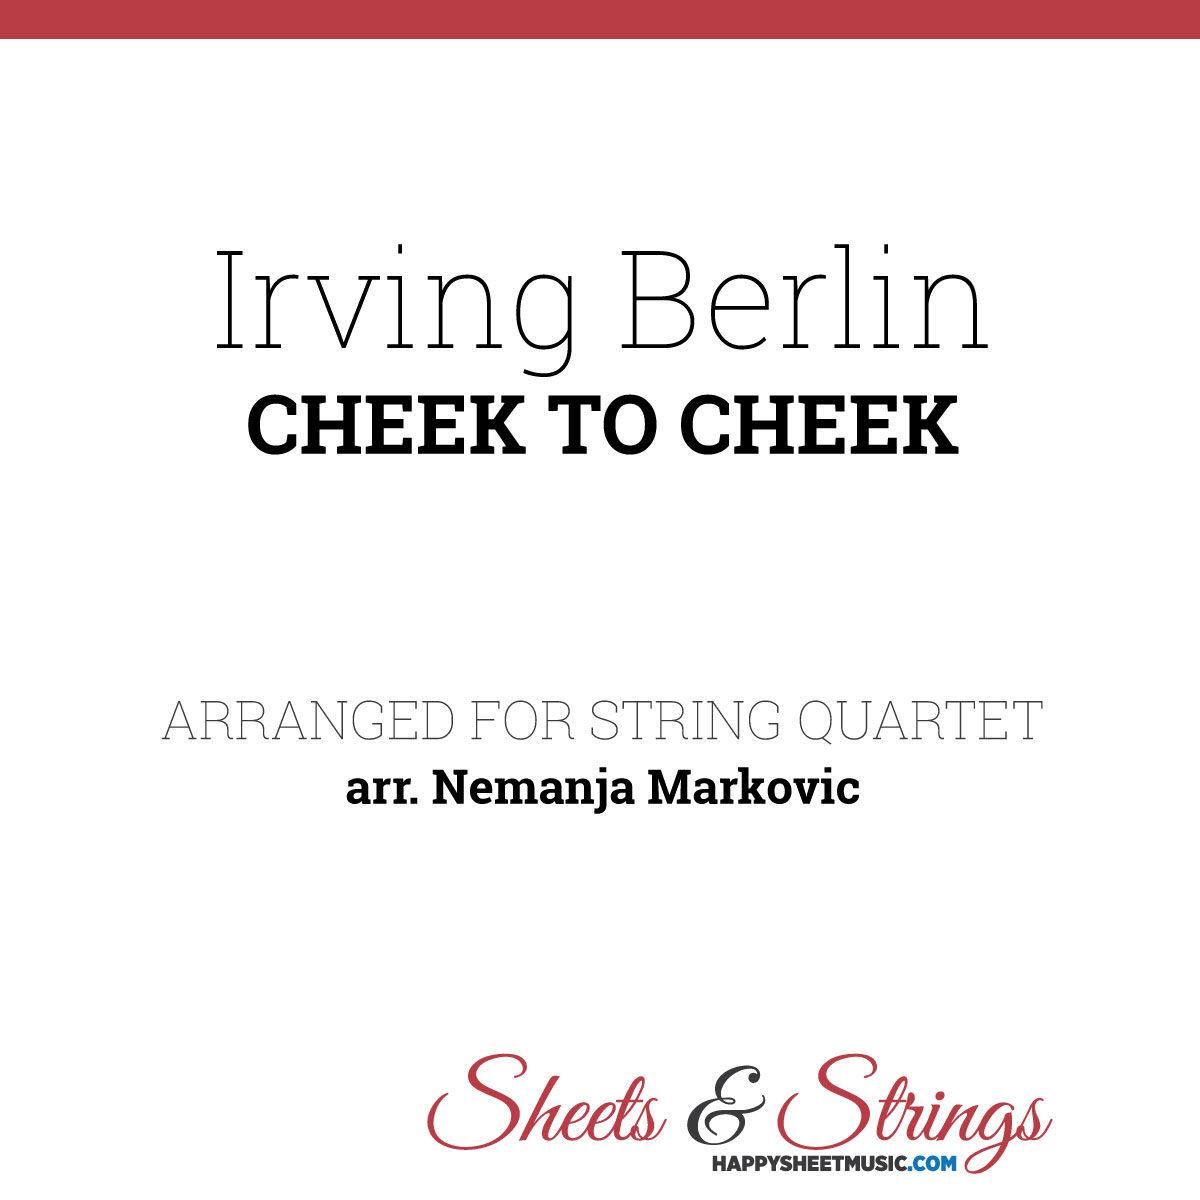 Irving Berlin - Cheek To Cheek - Sheet Music for String Quartet - Music Arrangement for String Quartet